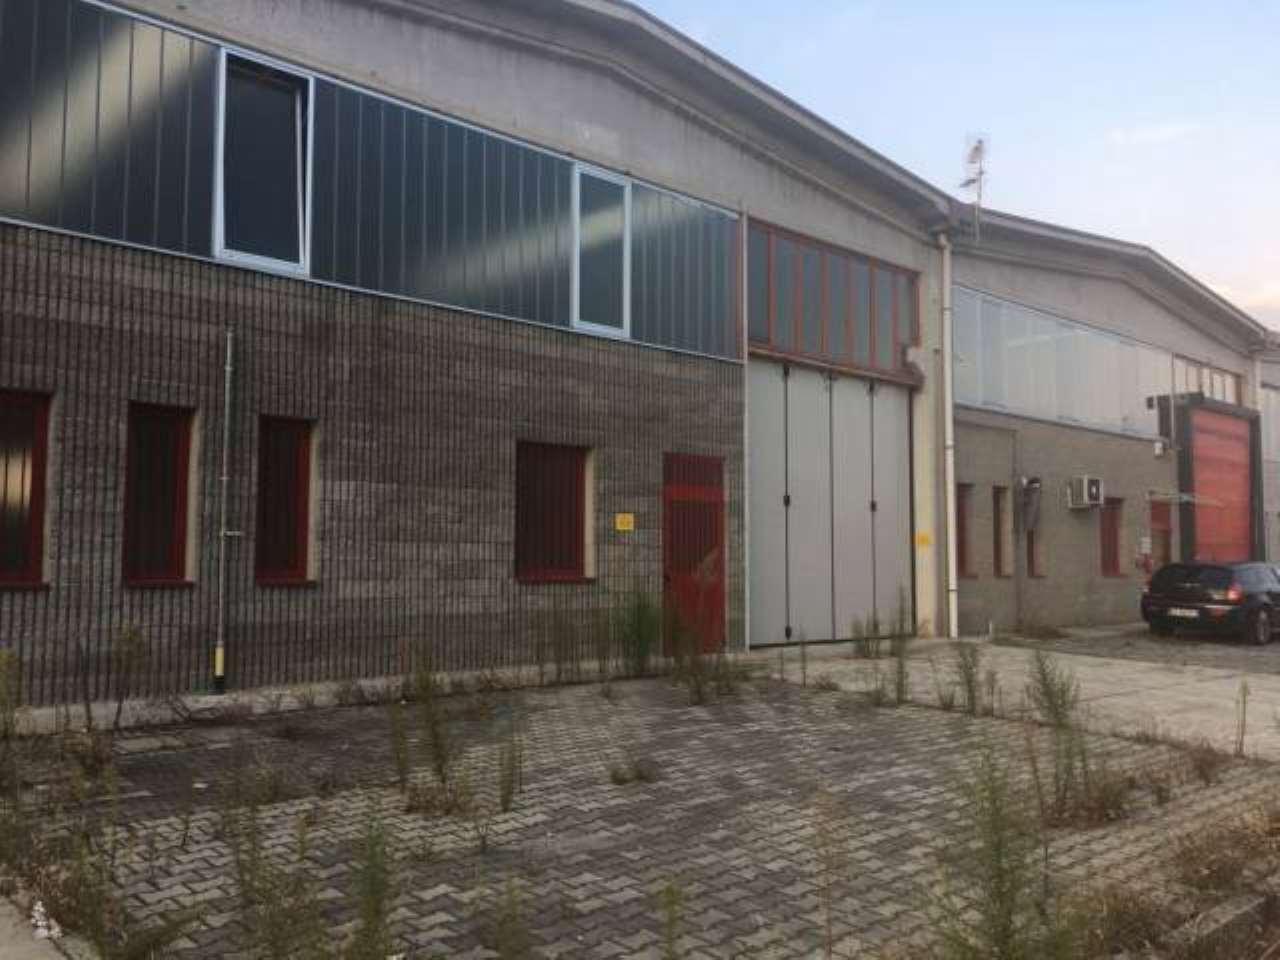 Capannone in vendita a Trezzo sull'Adda, 2 locali, prezzo € 420.000 | PortaleAgenzieImmobiliari.it